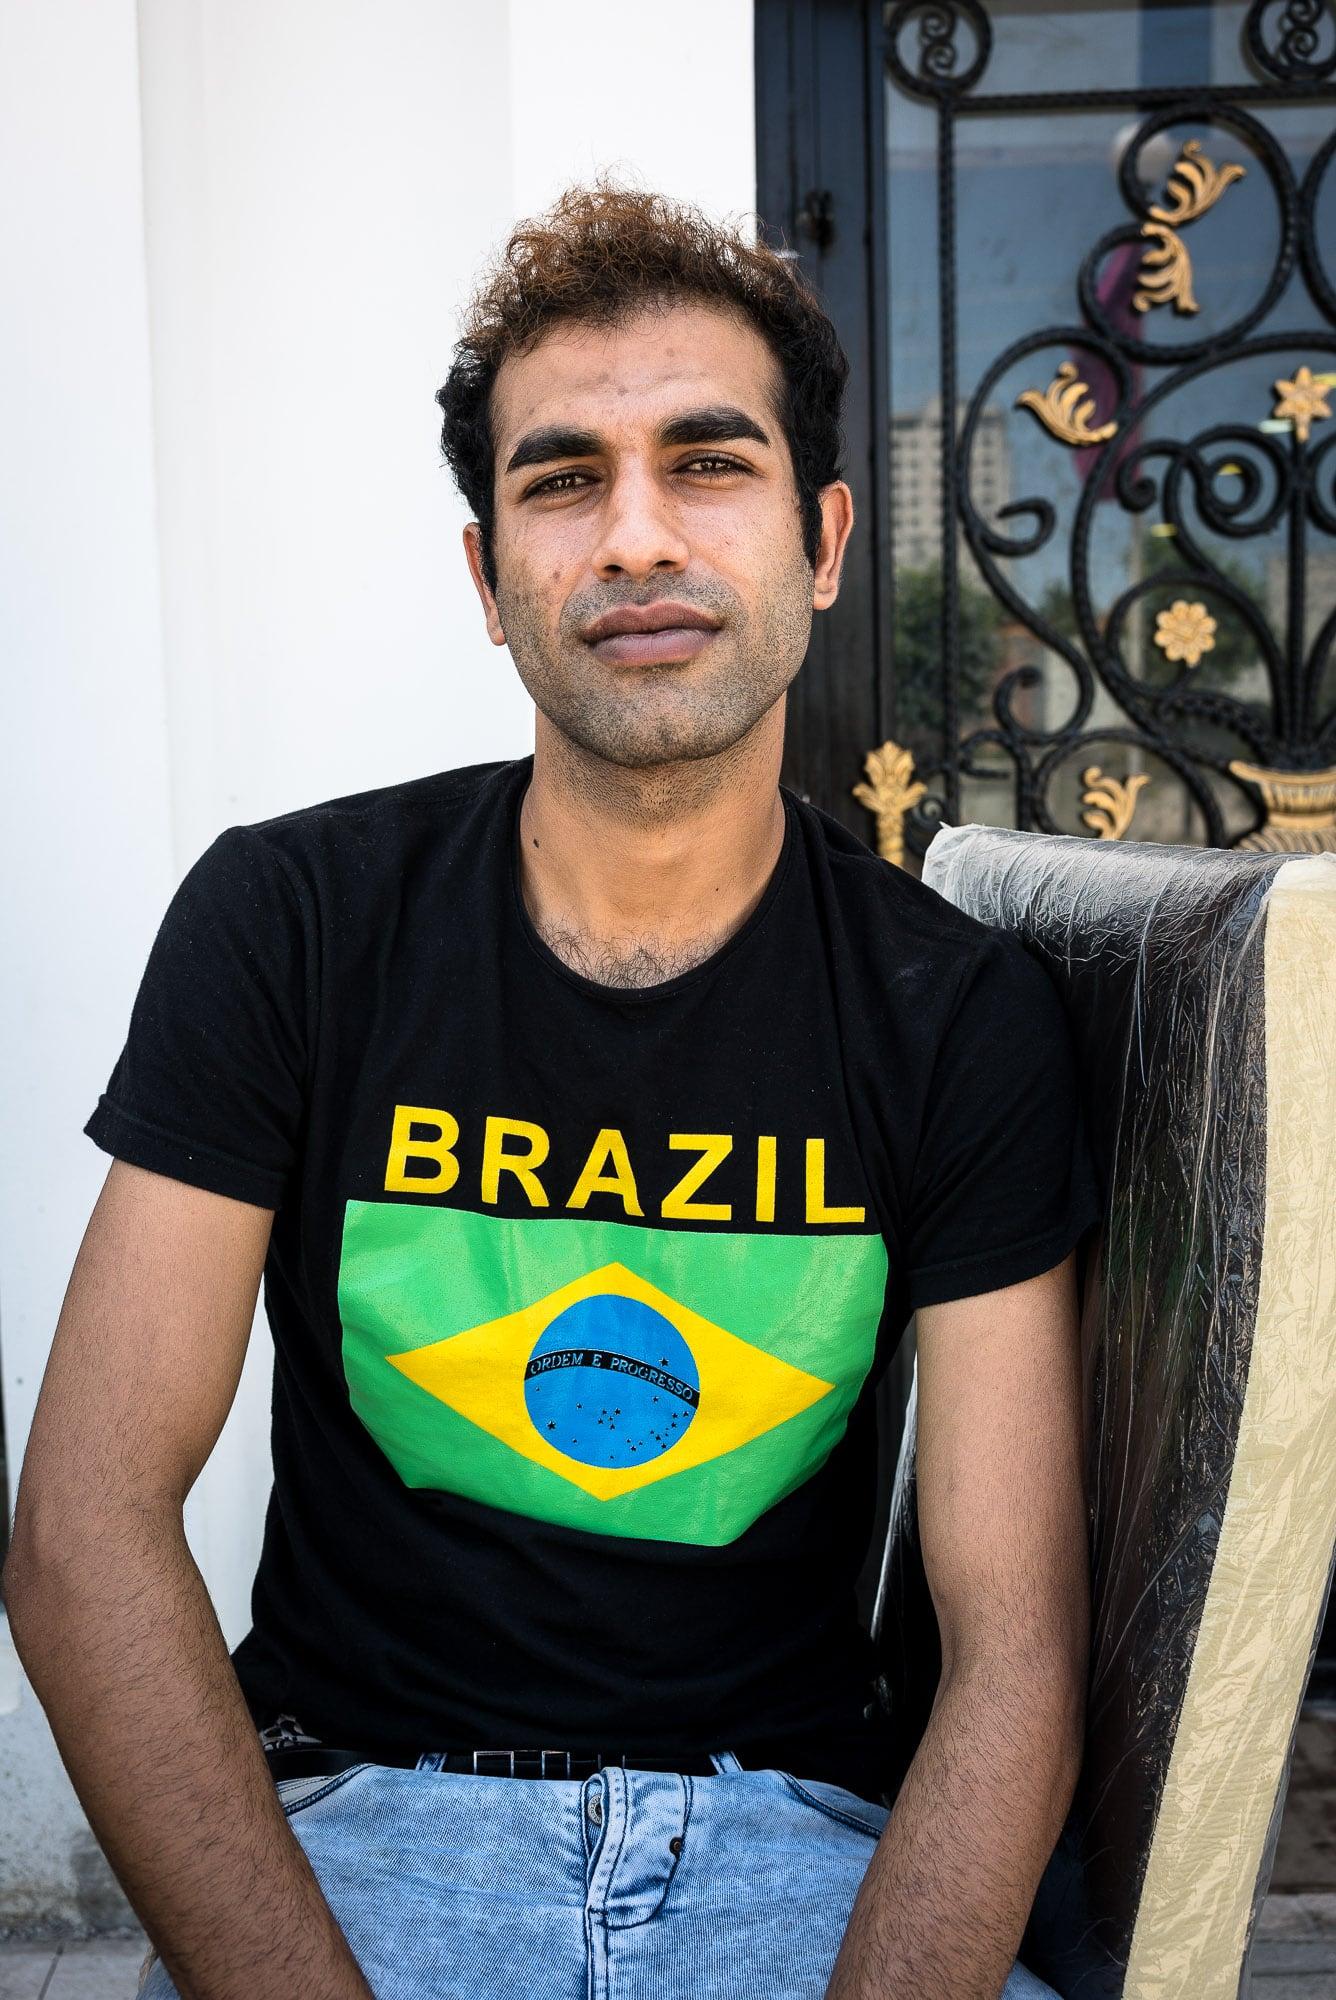 not a Brazil fan